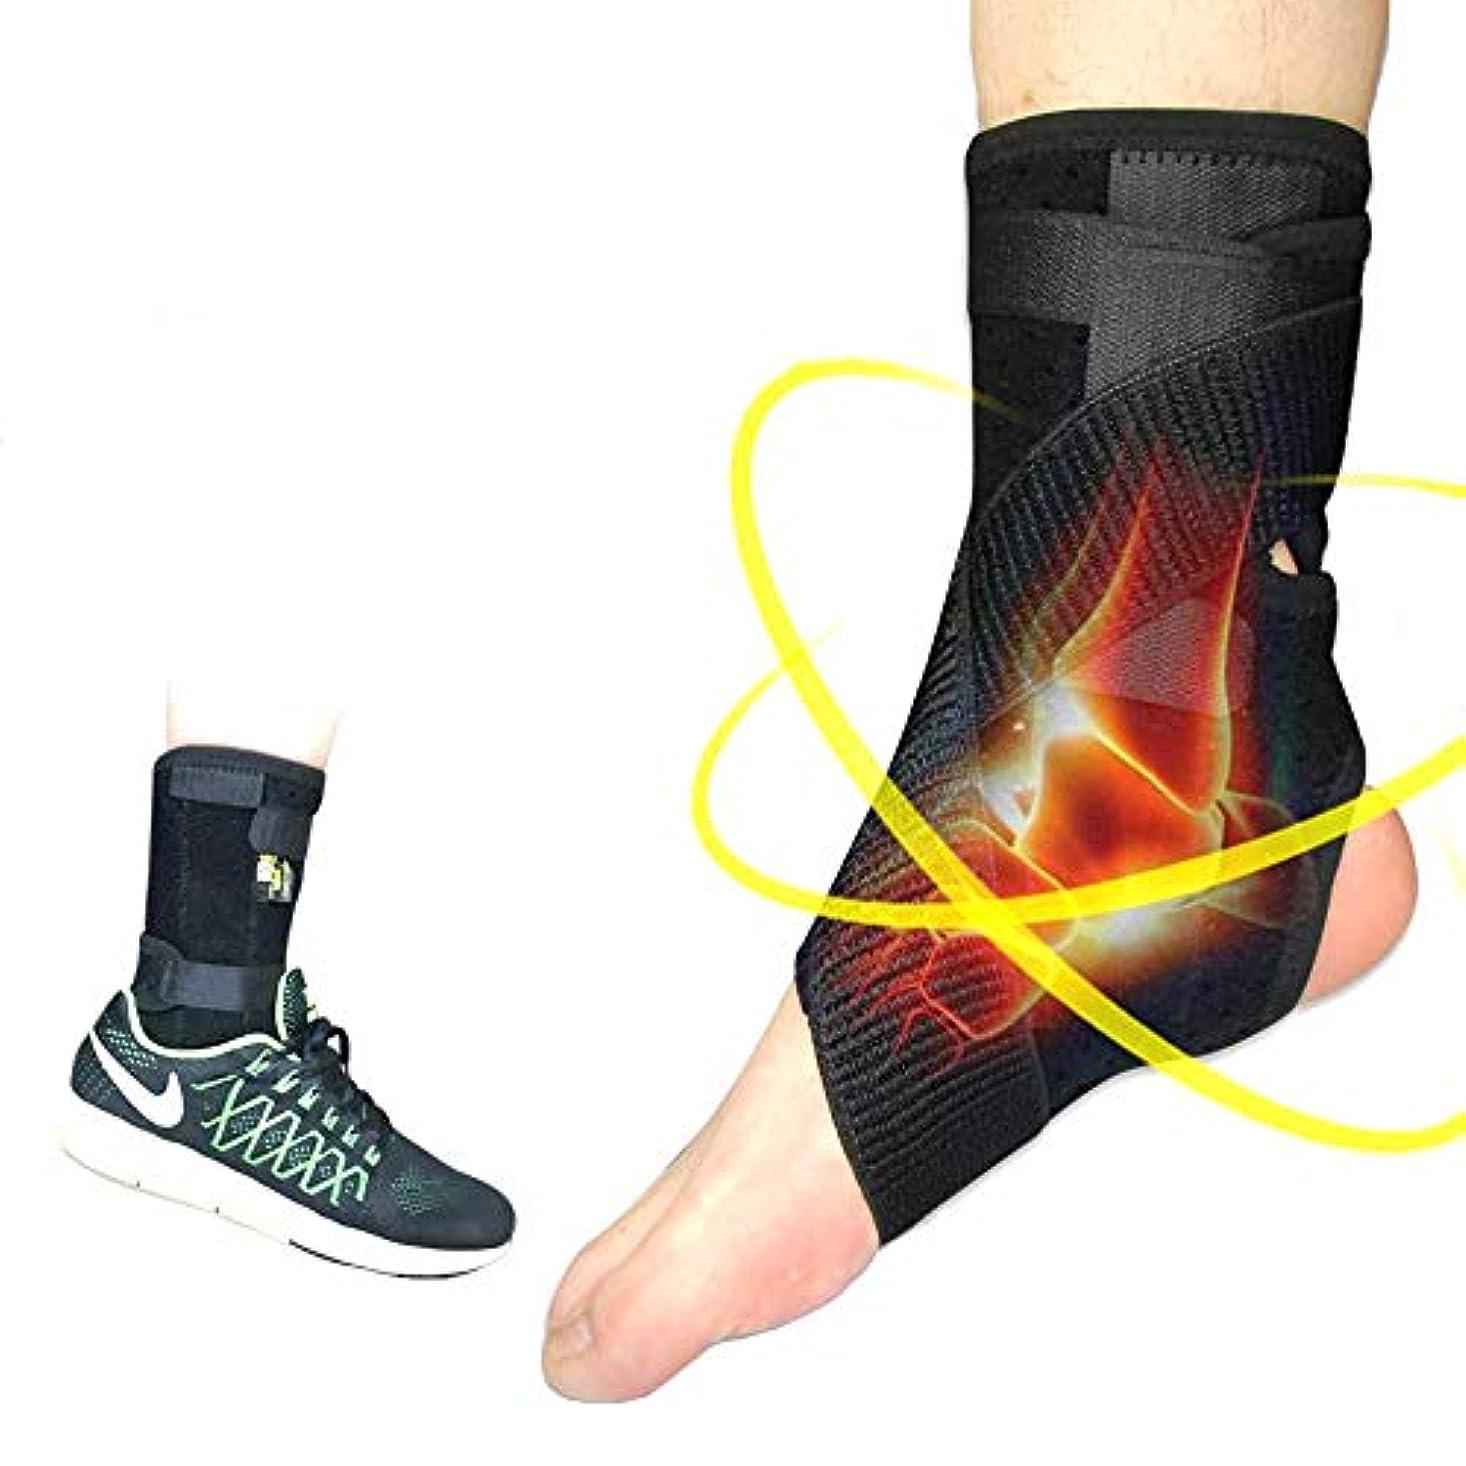 足底筋膜炎をサポートするための足底筋膜炎 - 足底筋膜炎ストレッチのための足装具:足首、アキレス腱、足首包帯,S:EU29-33